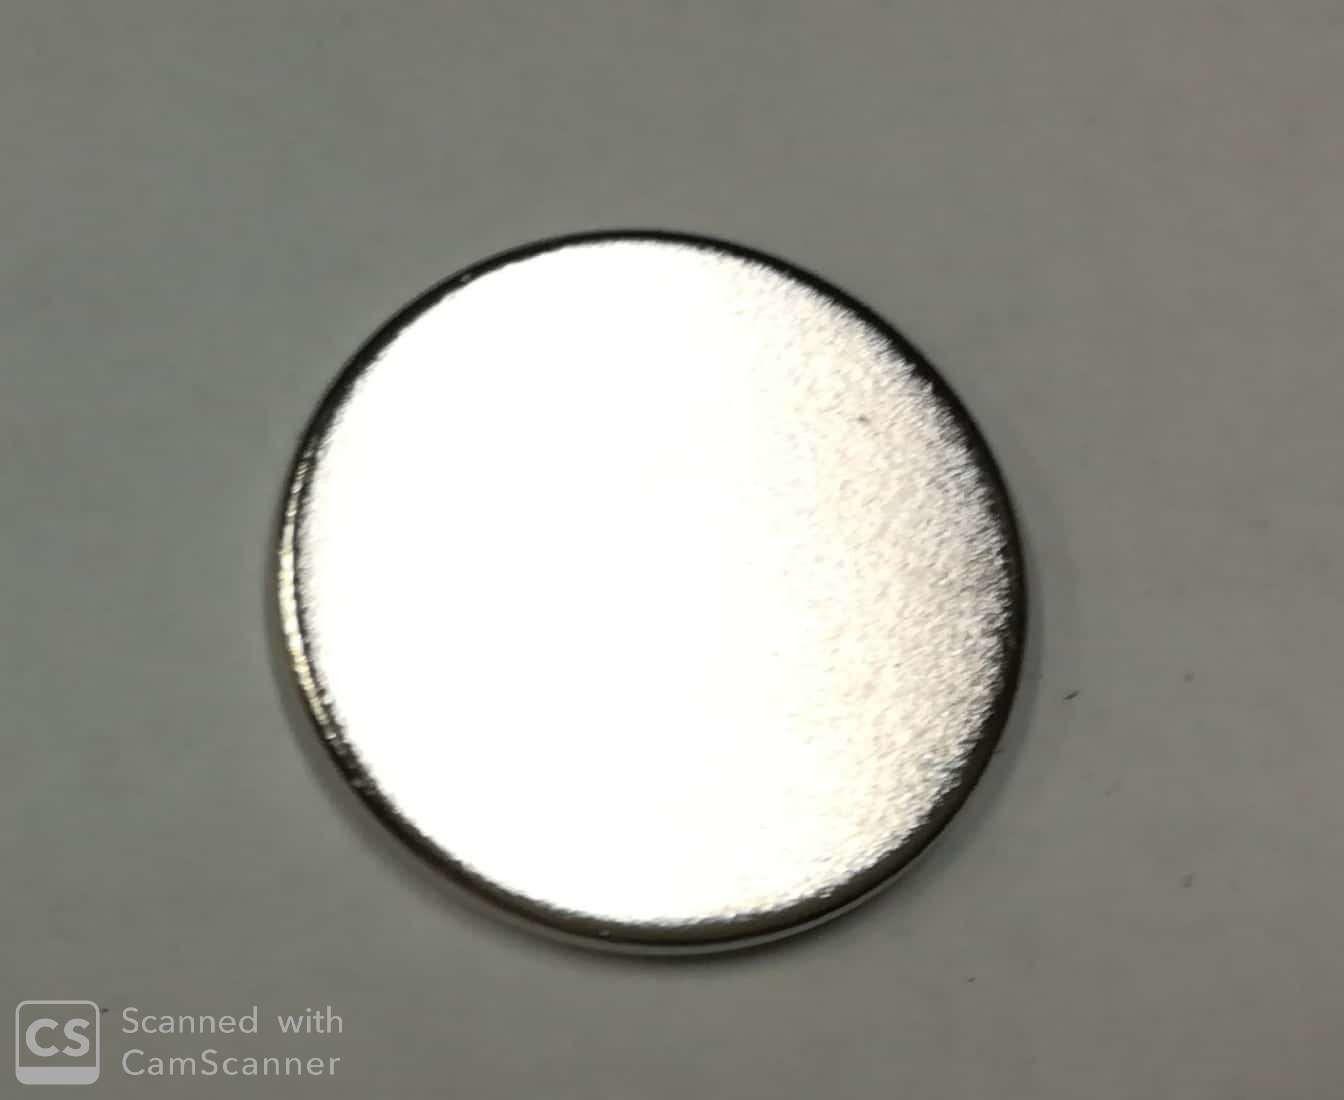 Calamita neodimio tonda mm 18 x 1,5 forza 1,2 Kg